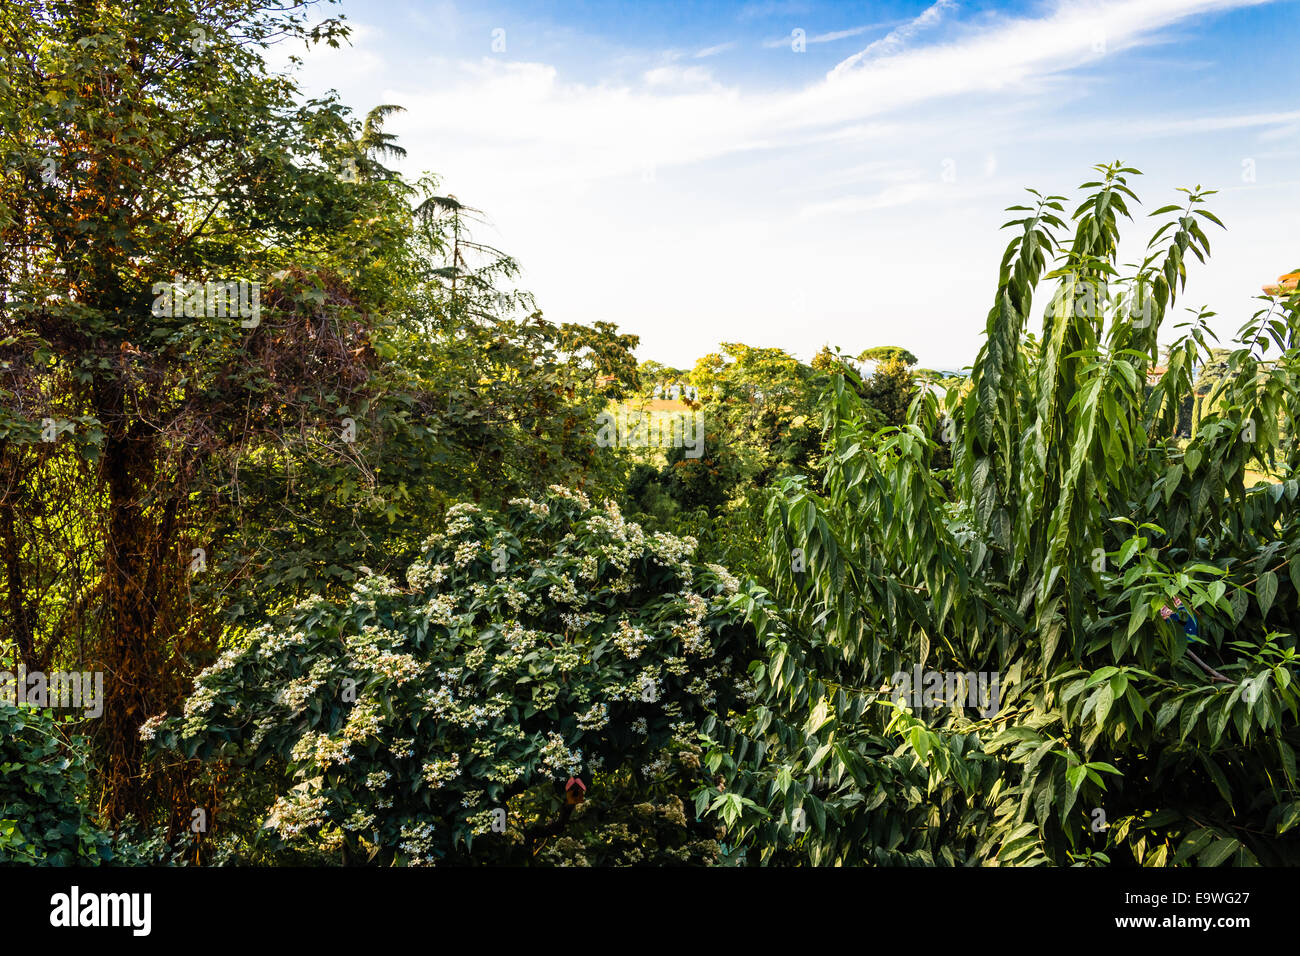 Immagini Di Piante E Alberi fiori bianchi, erbe infestanti verdi, foglie di piante e